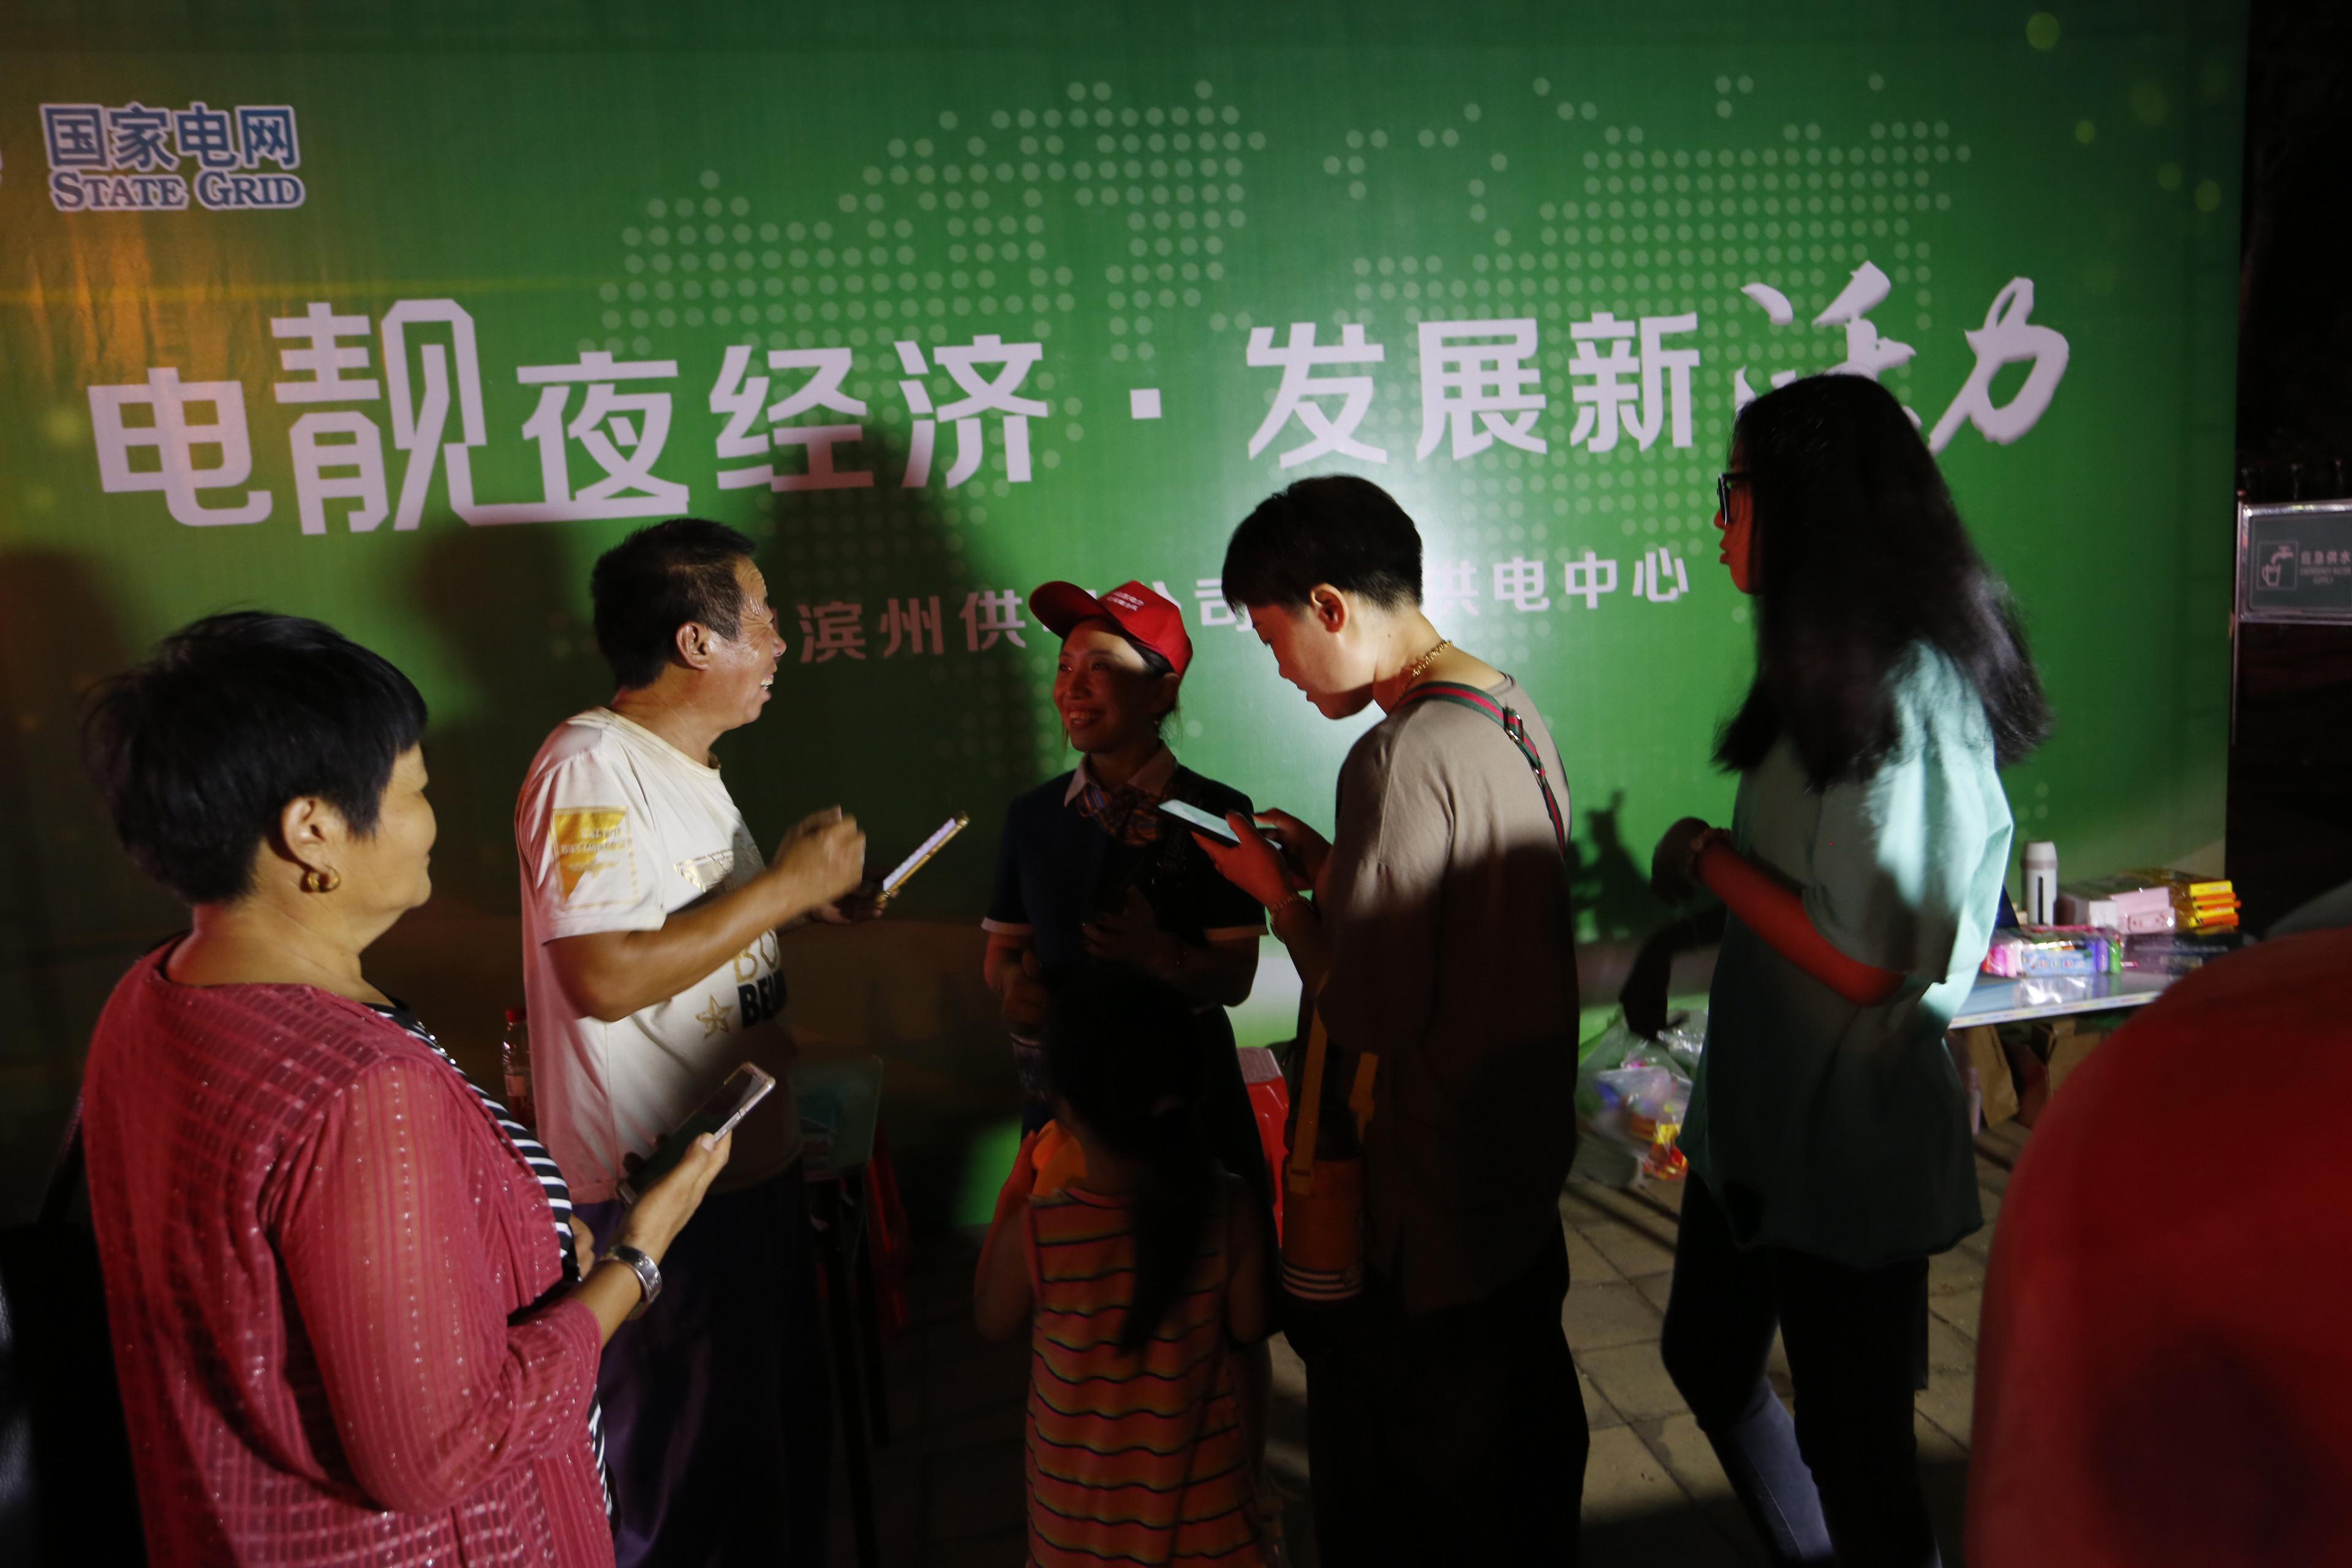 滨州:电靓夜经济 发展新活力